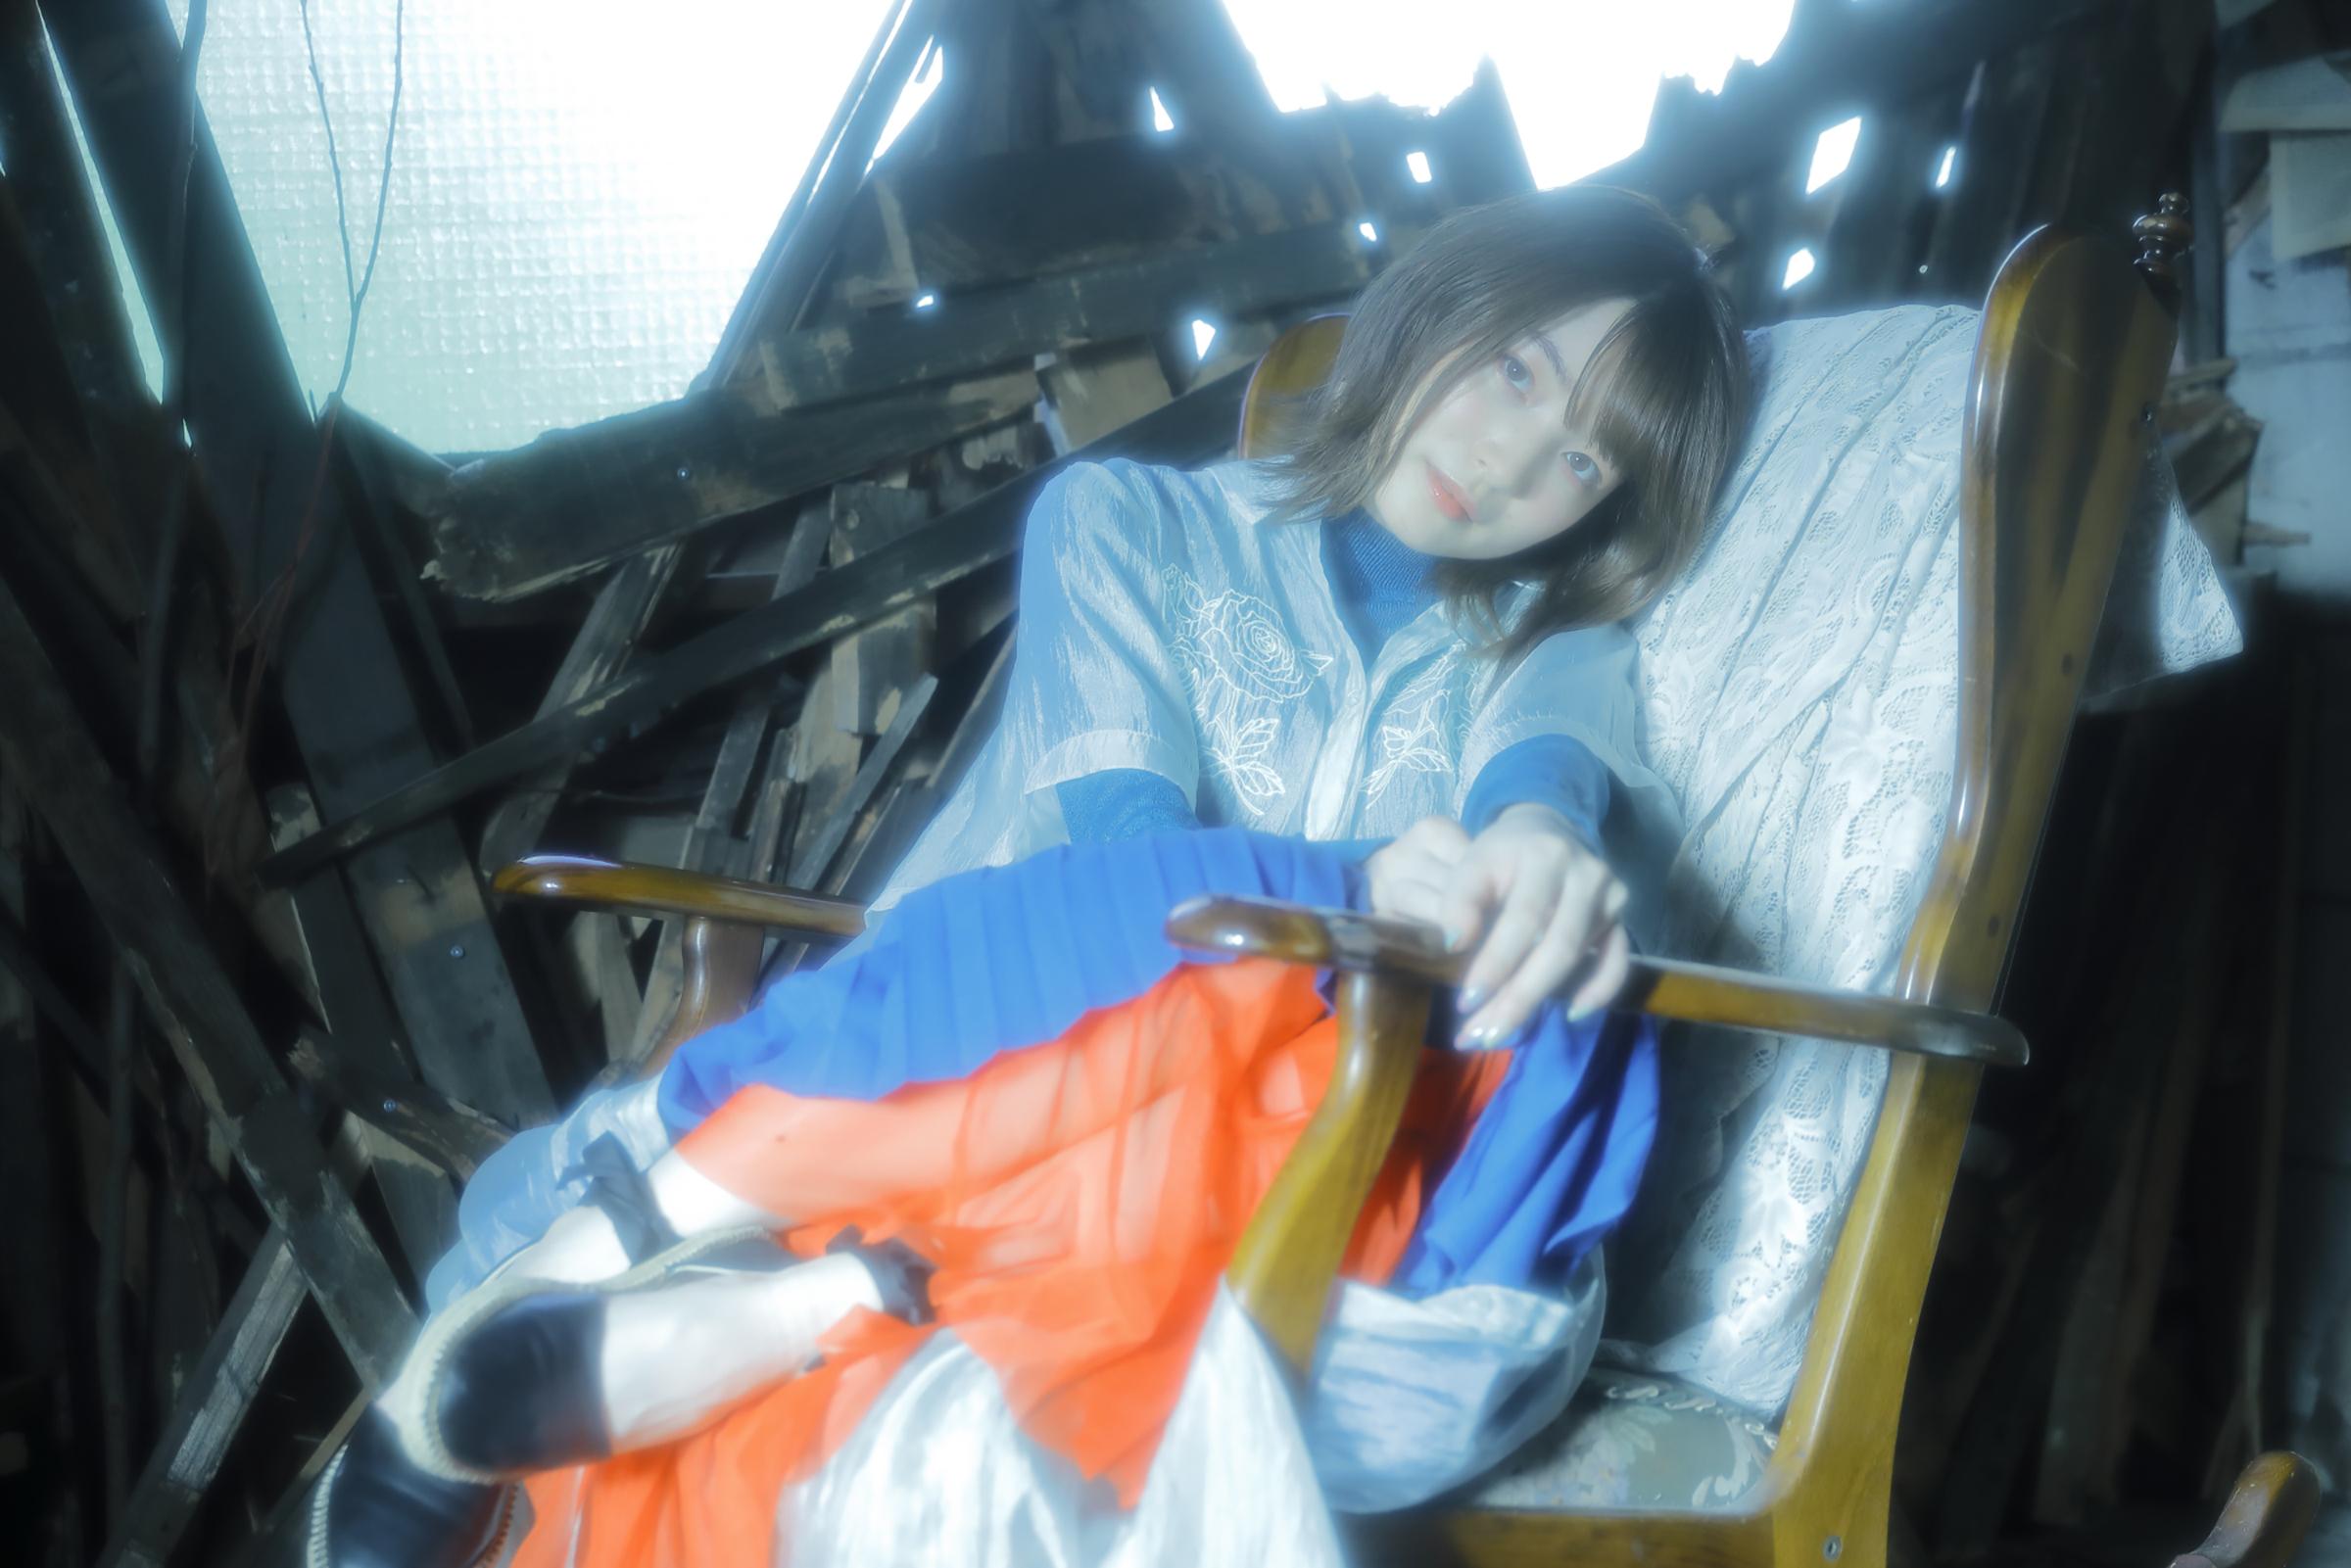 上田麗奈 ニュー・アルバム『Nebula』フォト&インタビュー 前編